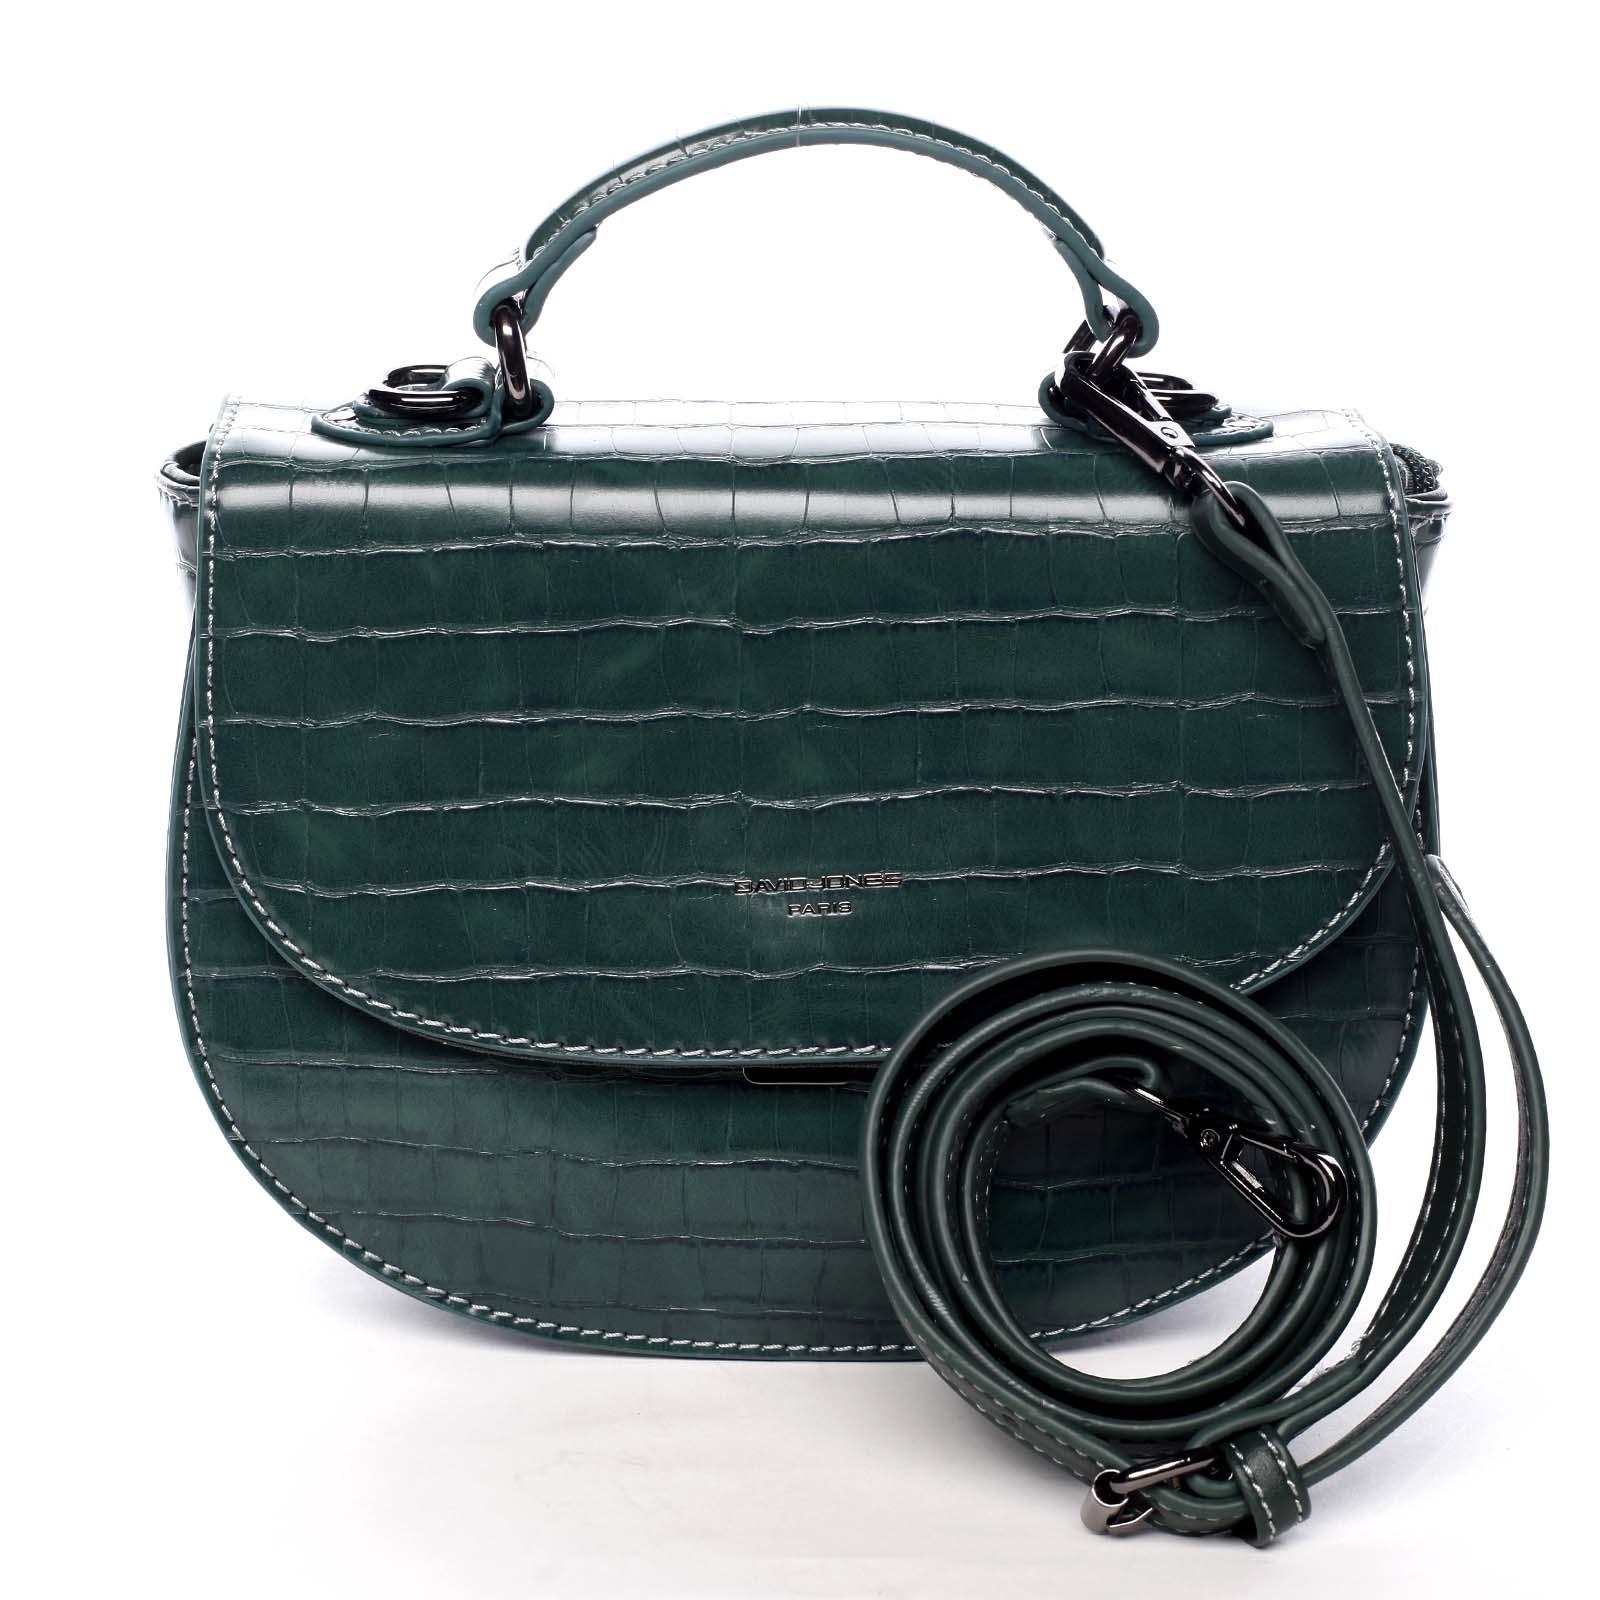 Dámska kabelka do ruky zelená - David Jones Cosette